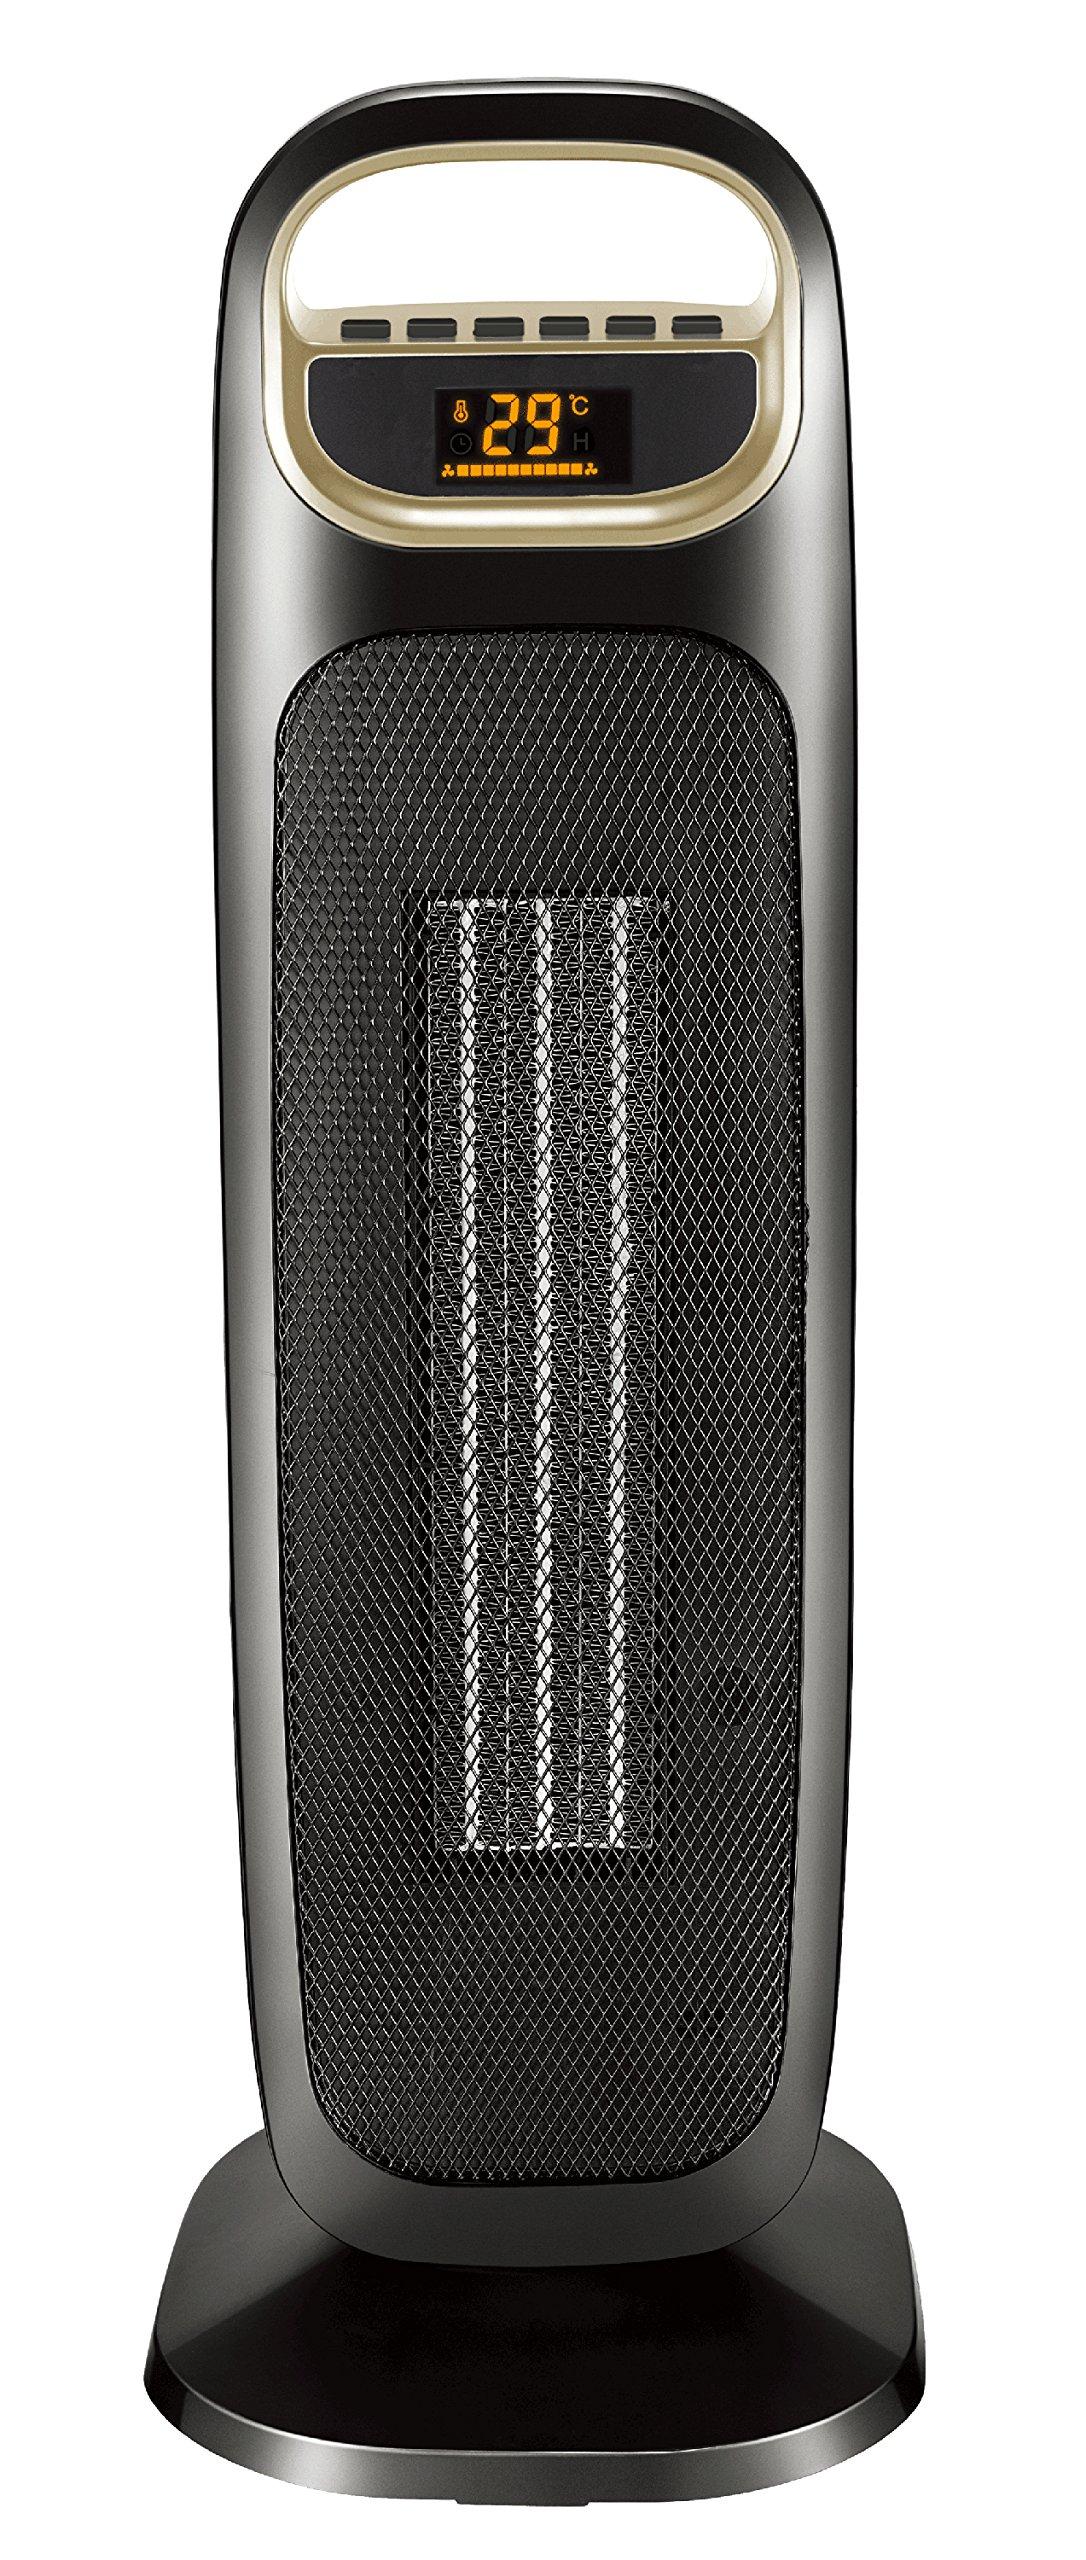 COMFEE Termoventilatore a Torre Potenza Massima 2000 Watt Colore Nero